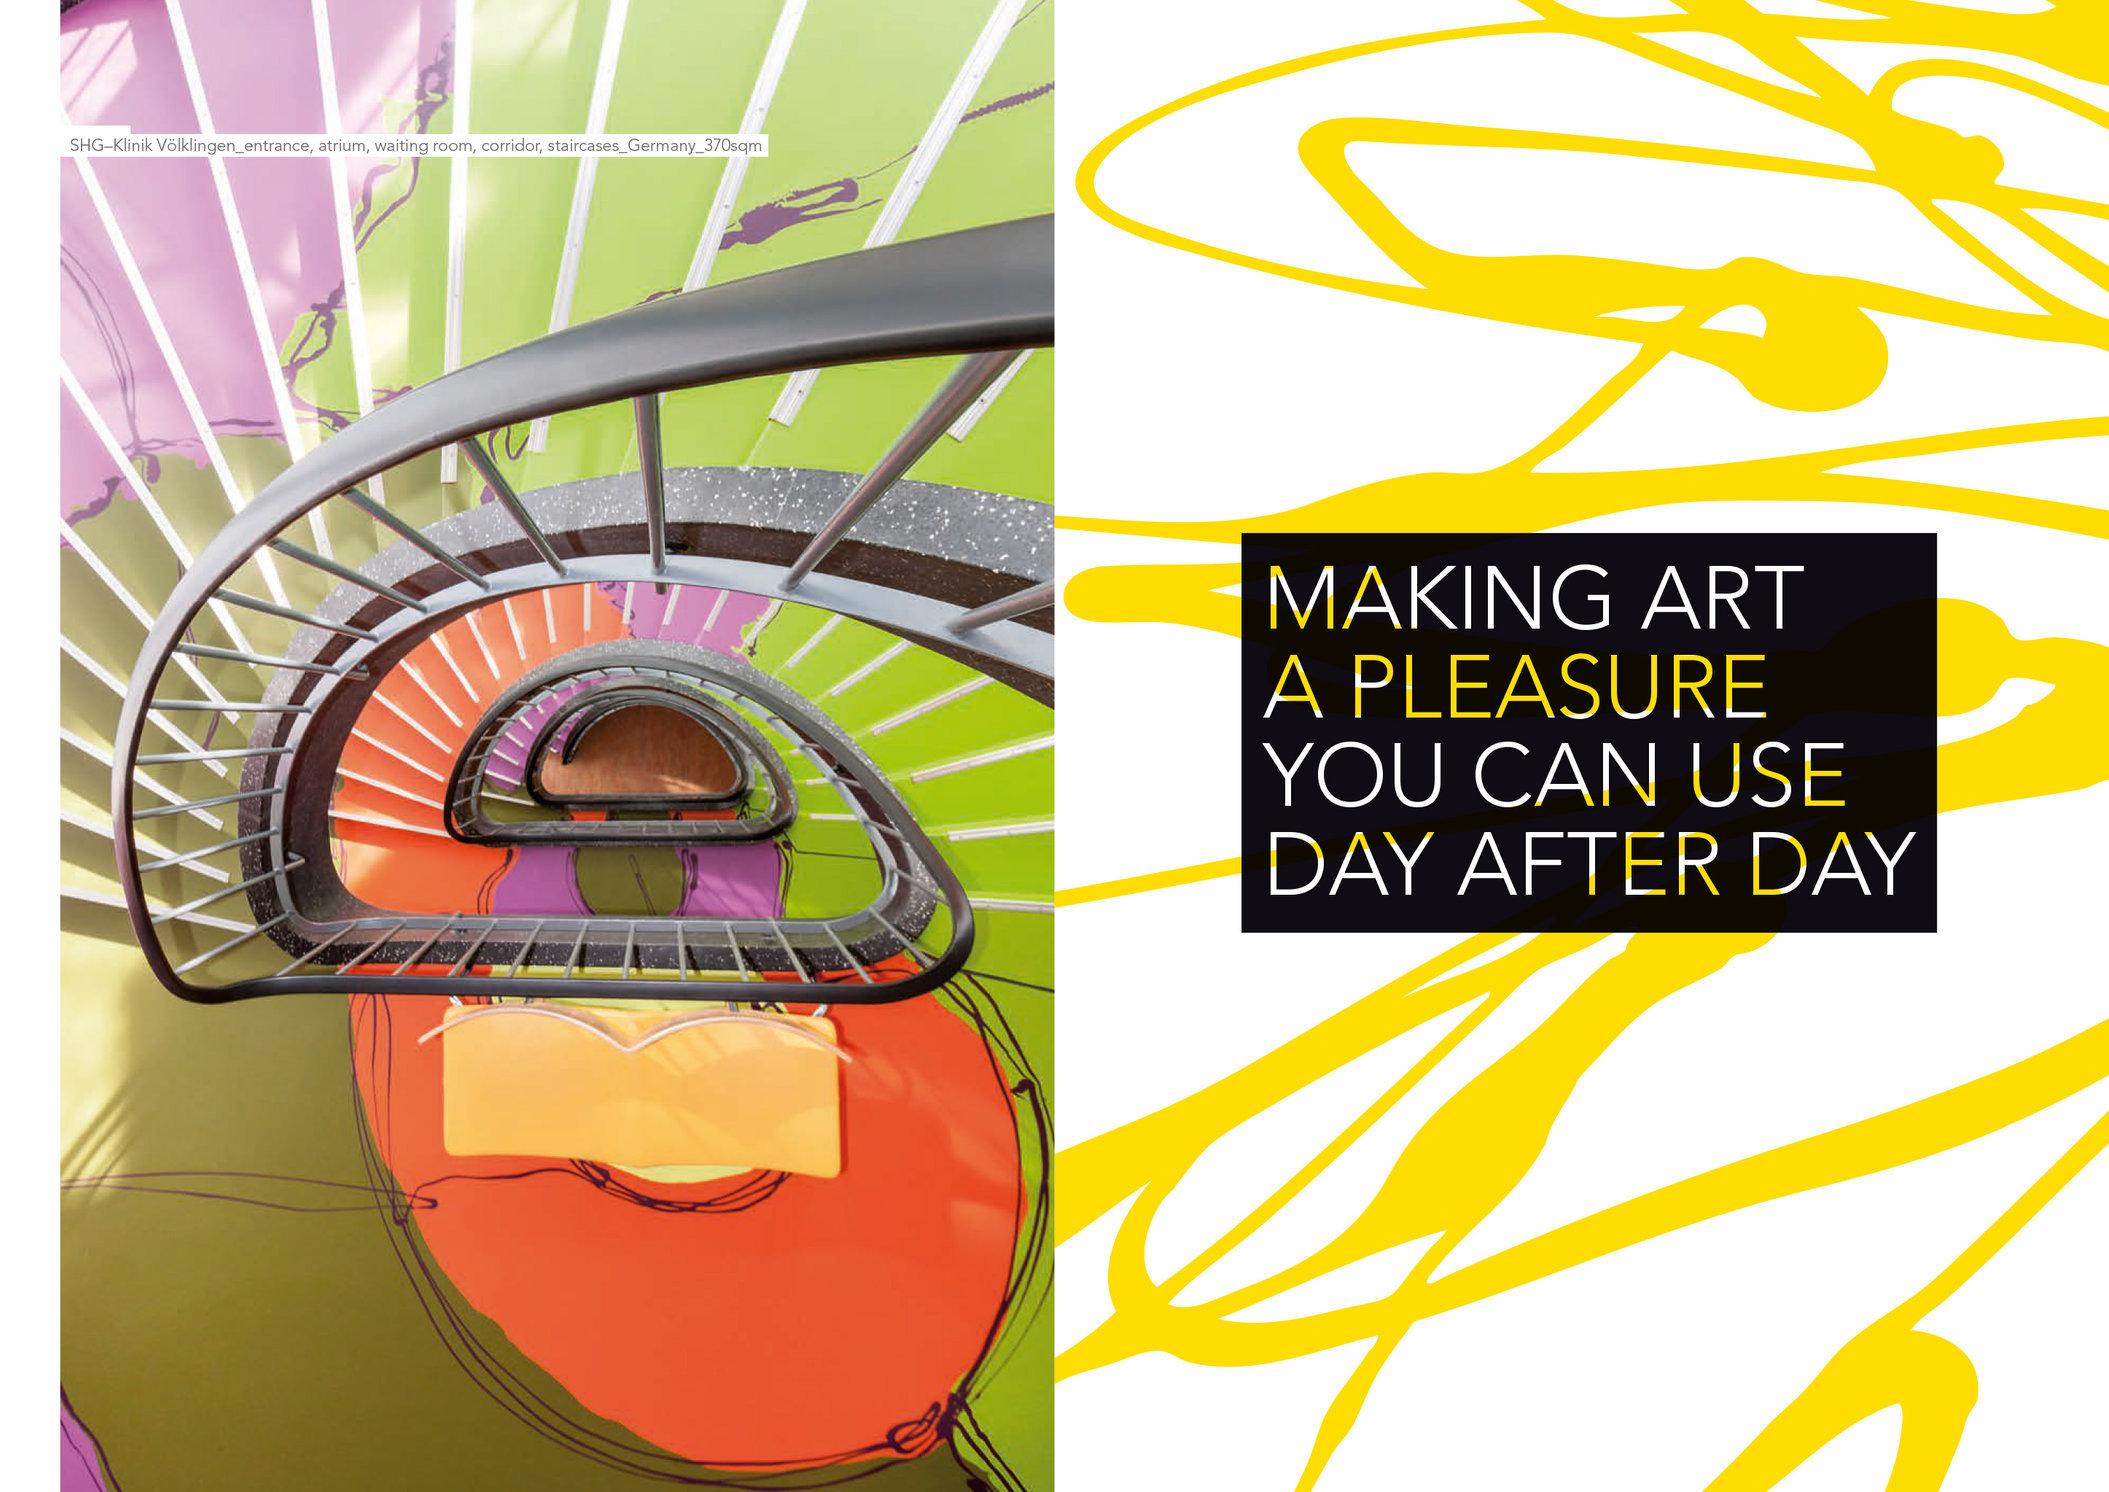 broschüre_artonfloor 8.jpg